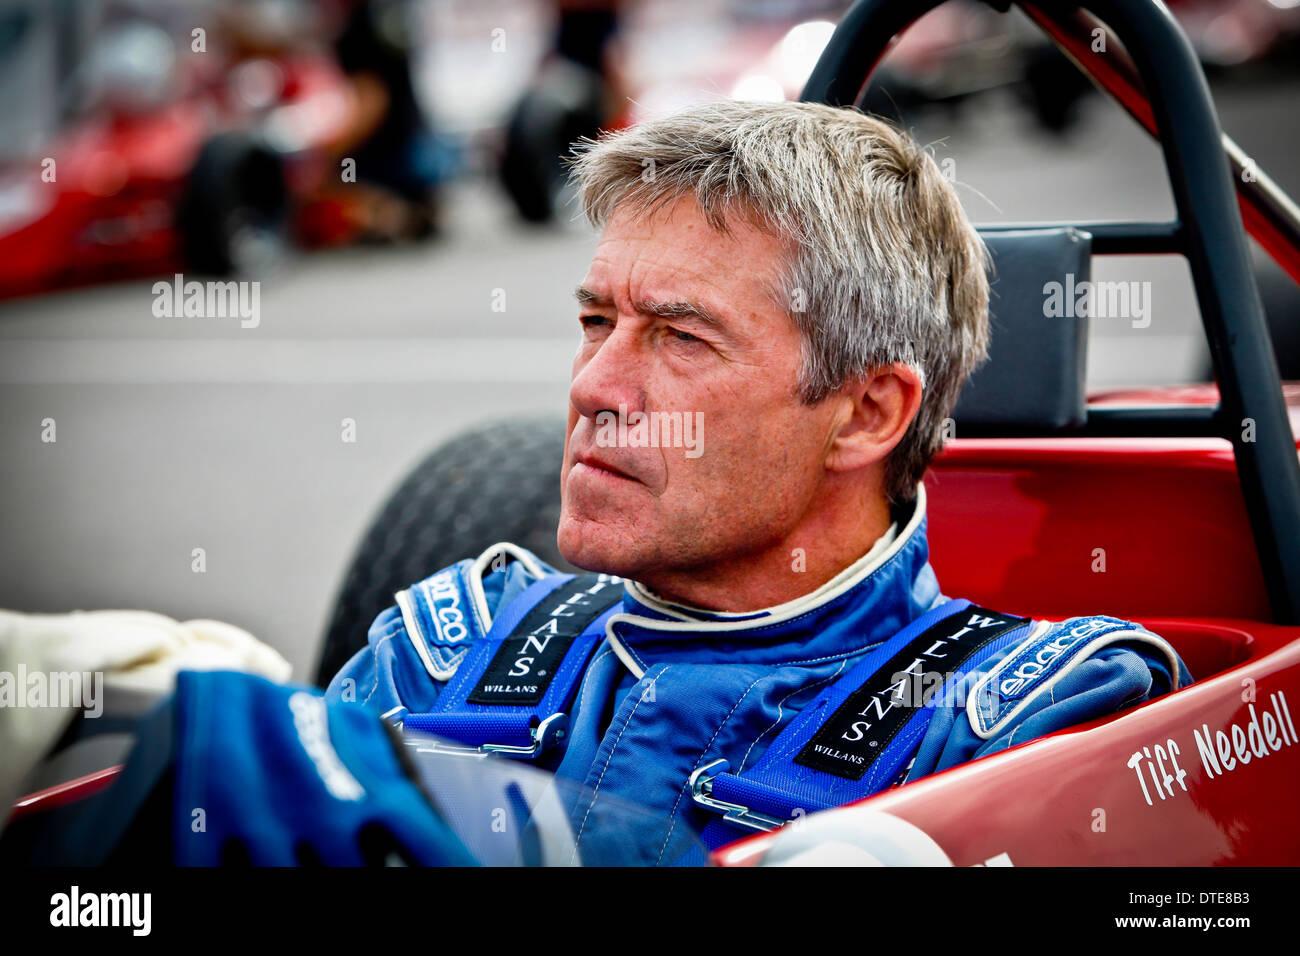 Motorsport-Legende und Kommentator Tiff Needell in seinem Auto vor einem Rennen Stockbild